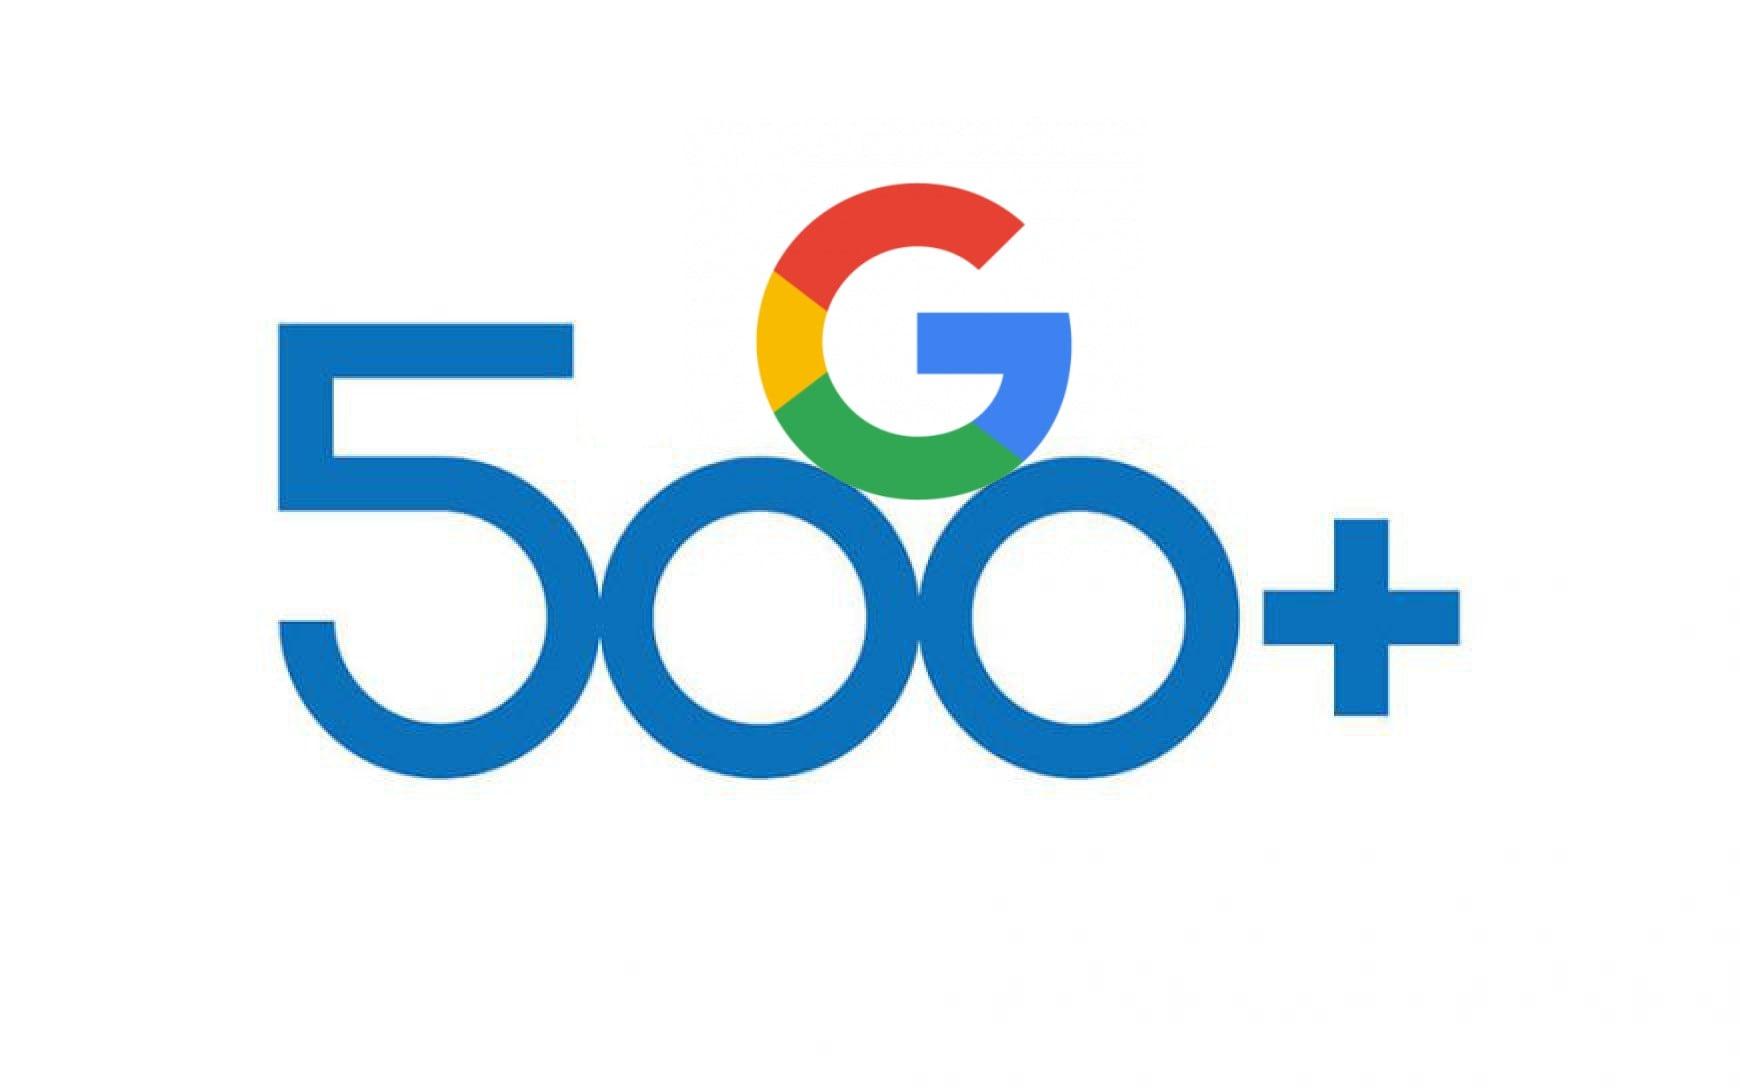 Google 500+. Producent smartfonów Pixel wypłaci ponad 7 milionów dolarów poszkodowanym użytkownikom 22